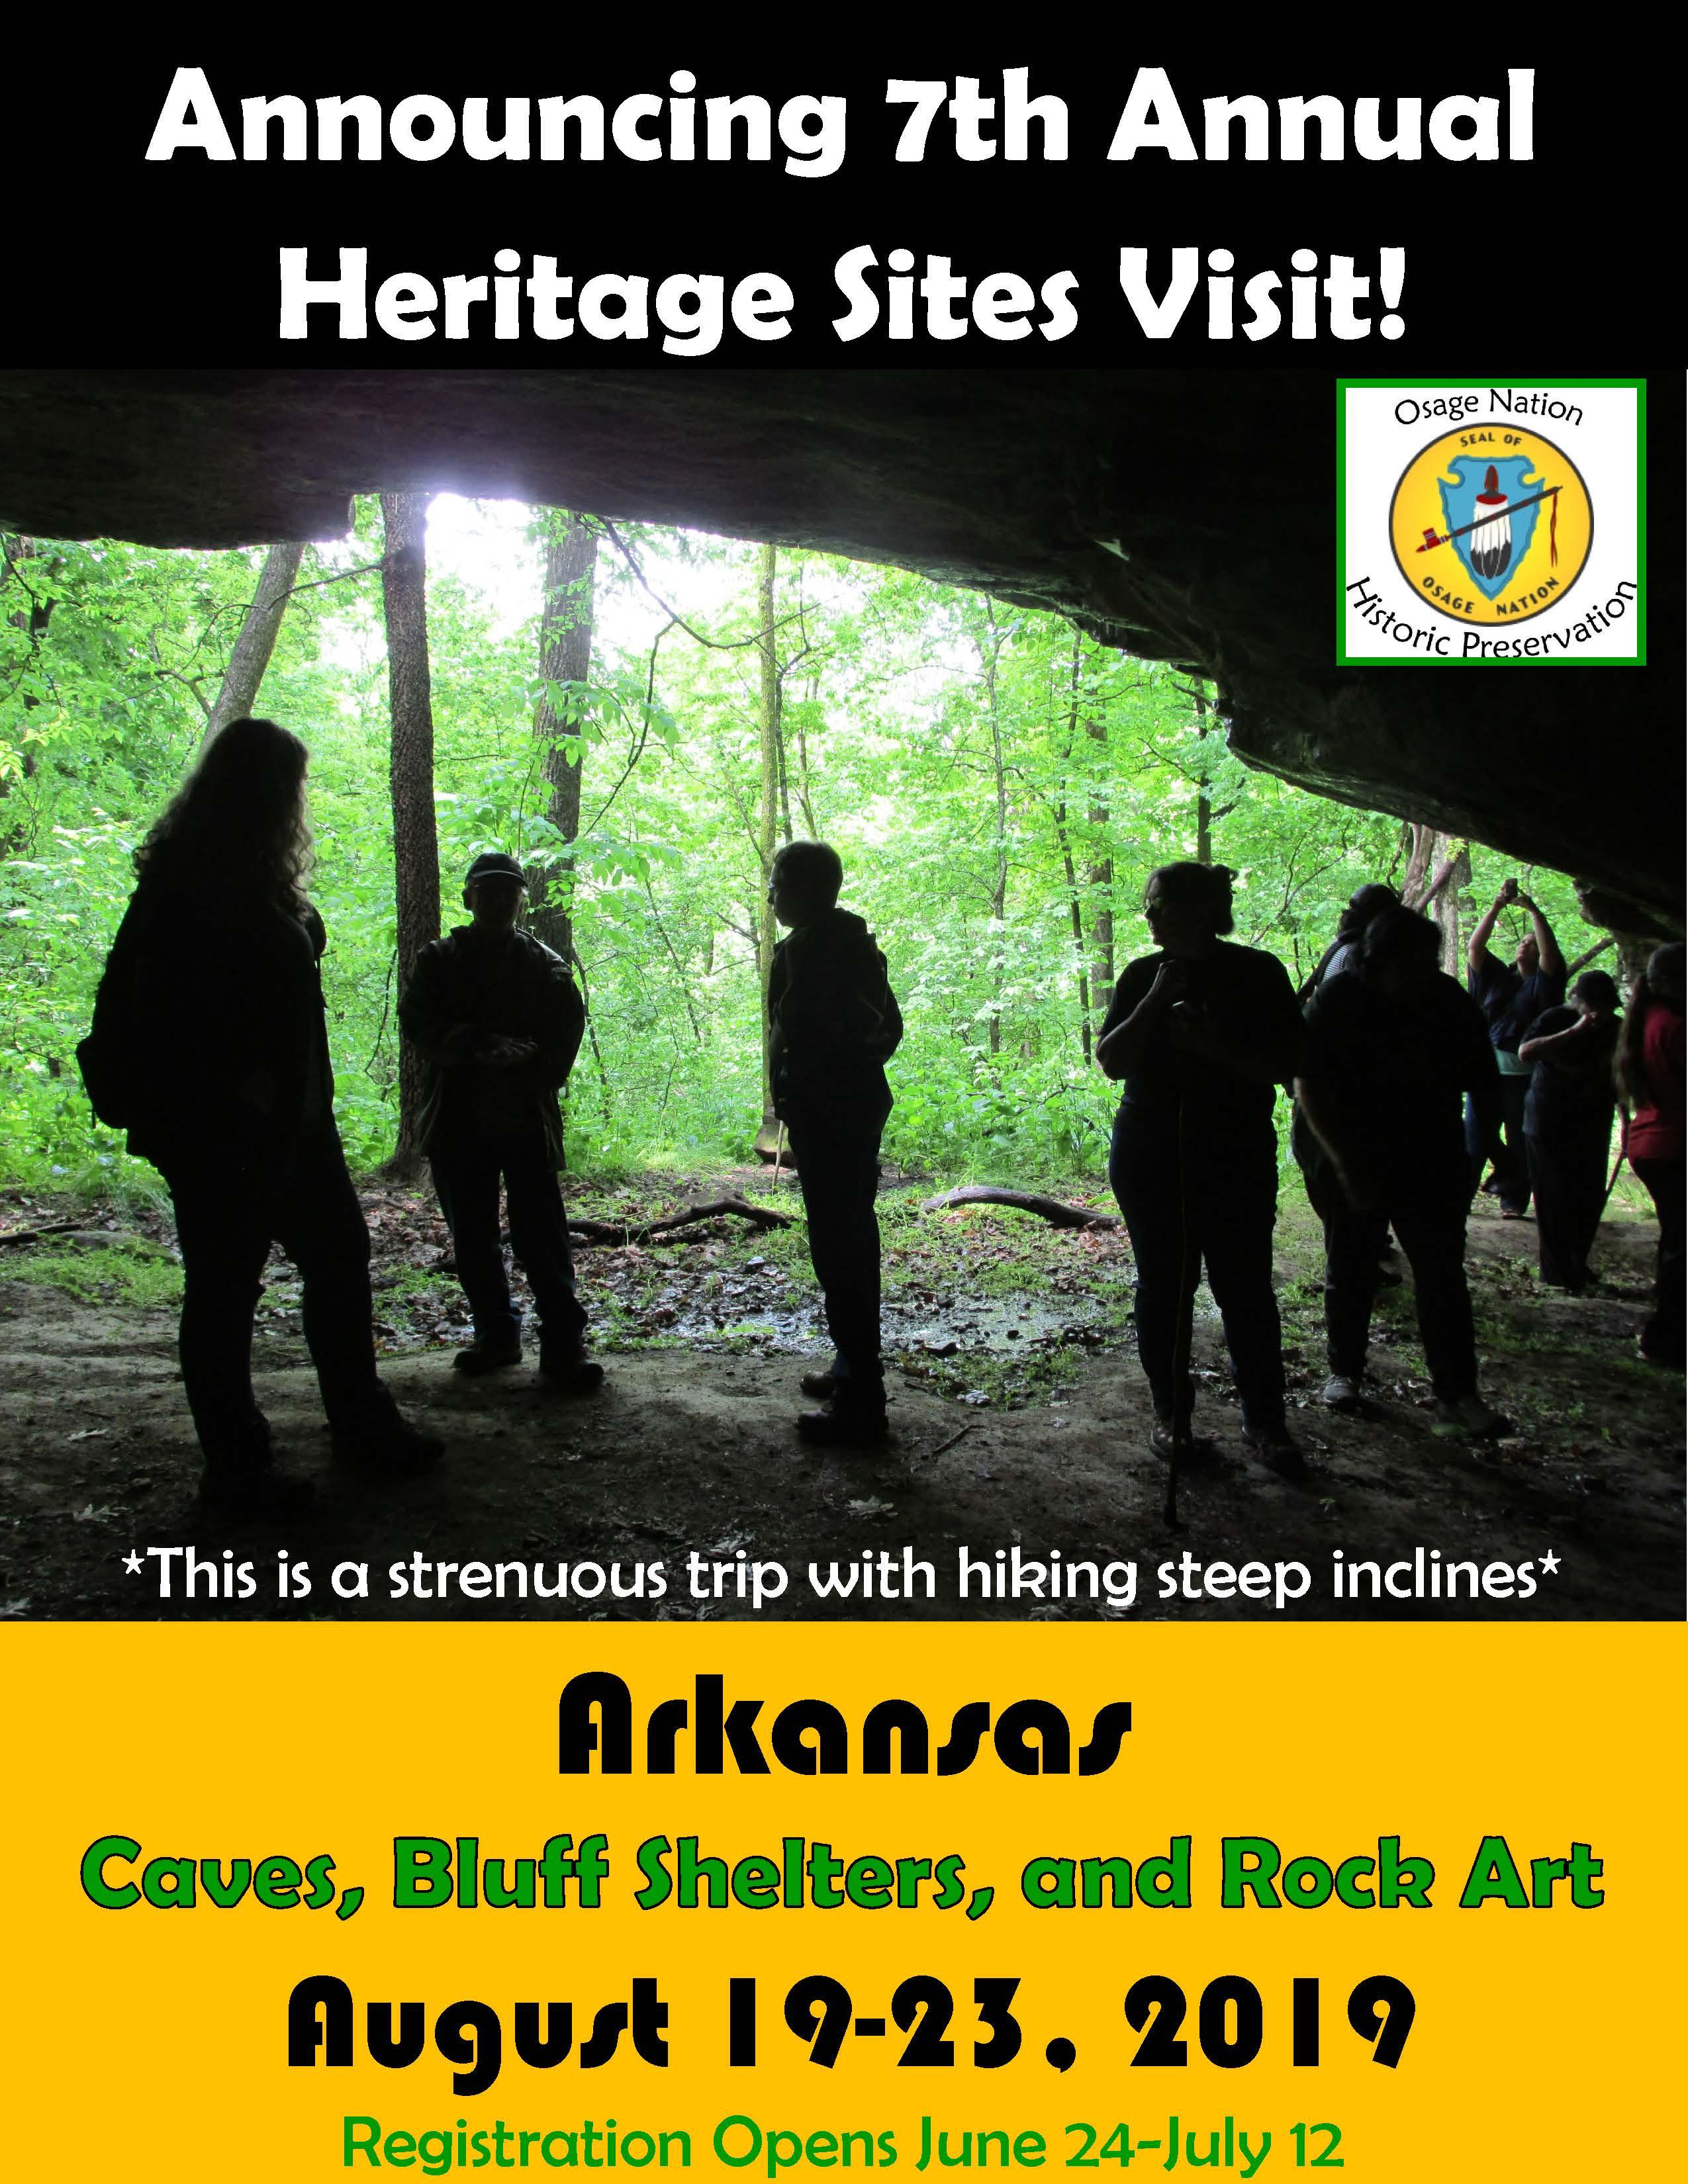 Heritage Sites Visit Flyer